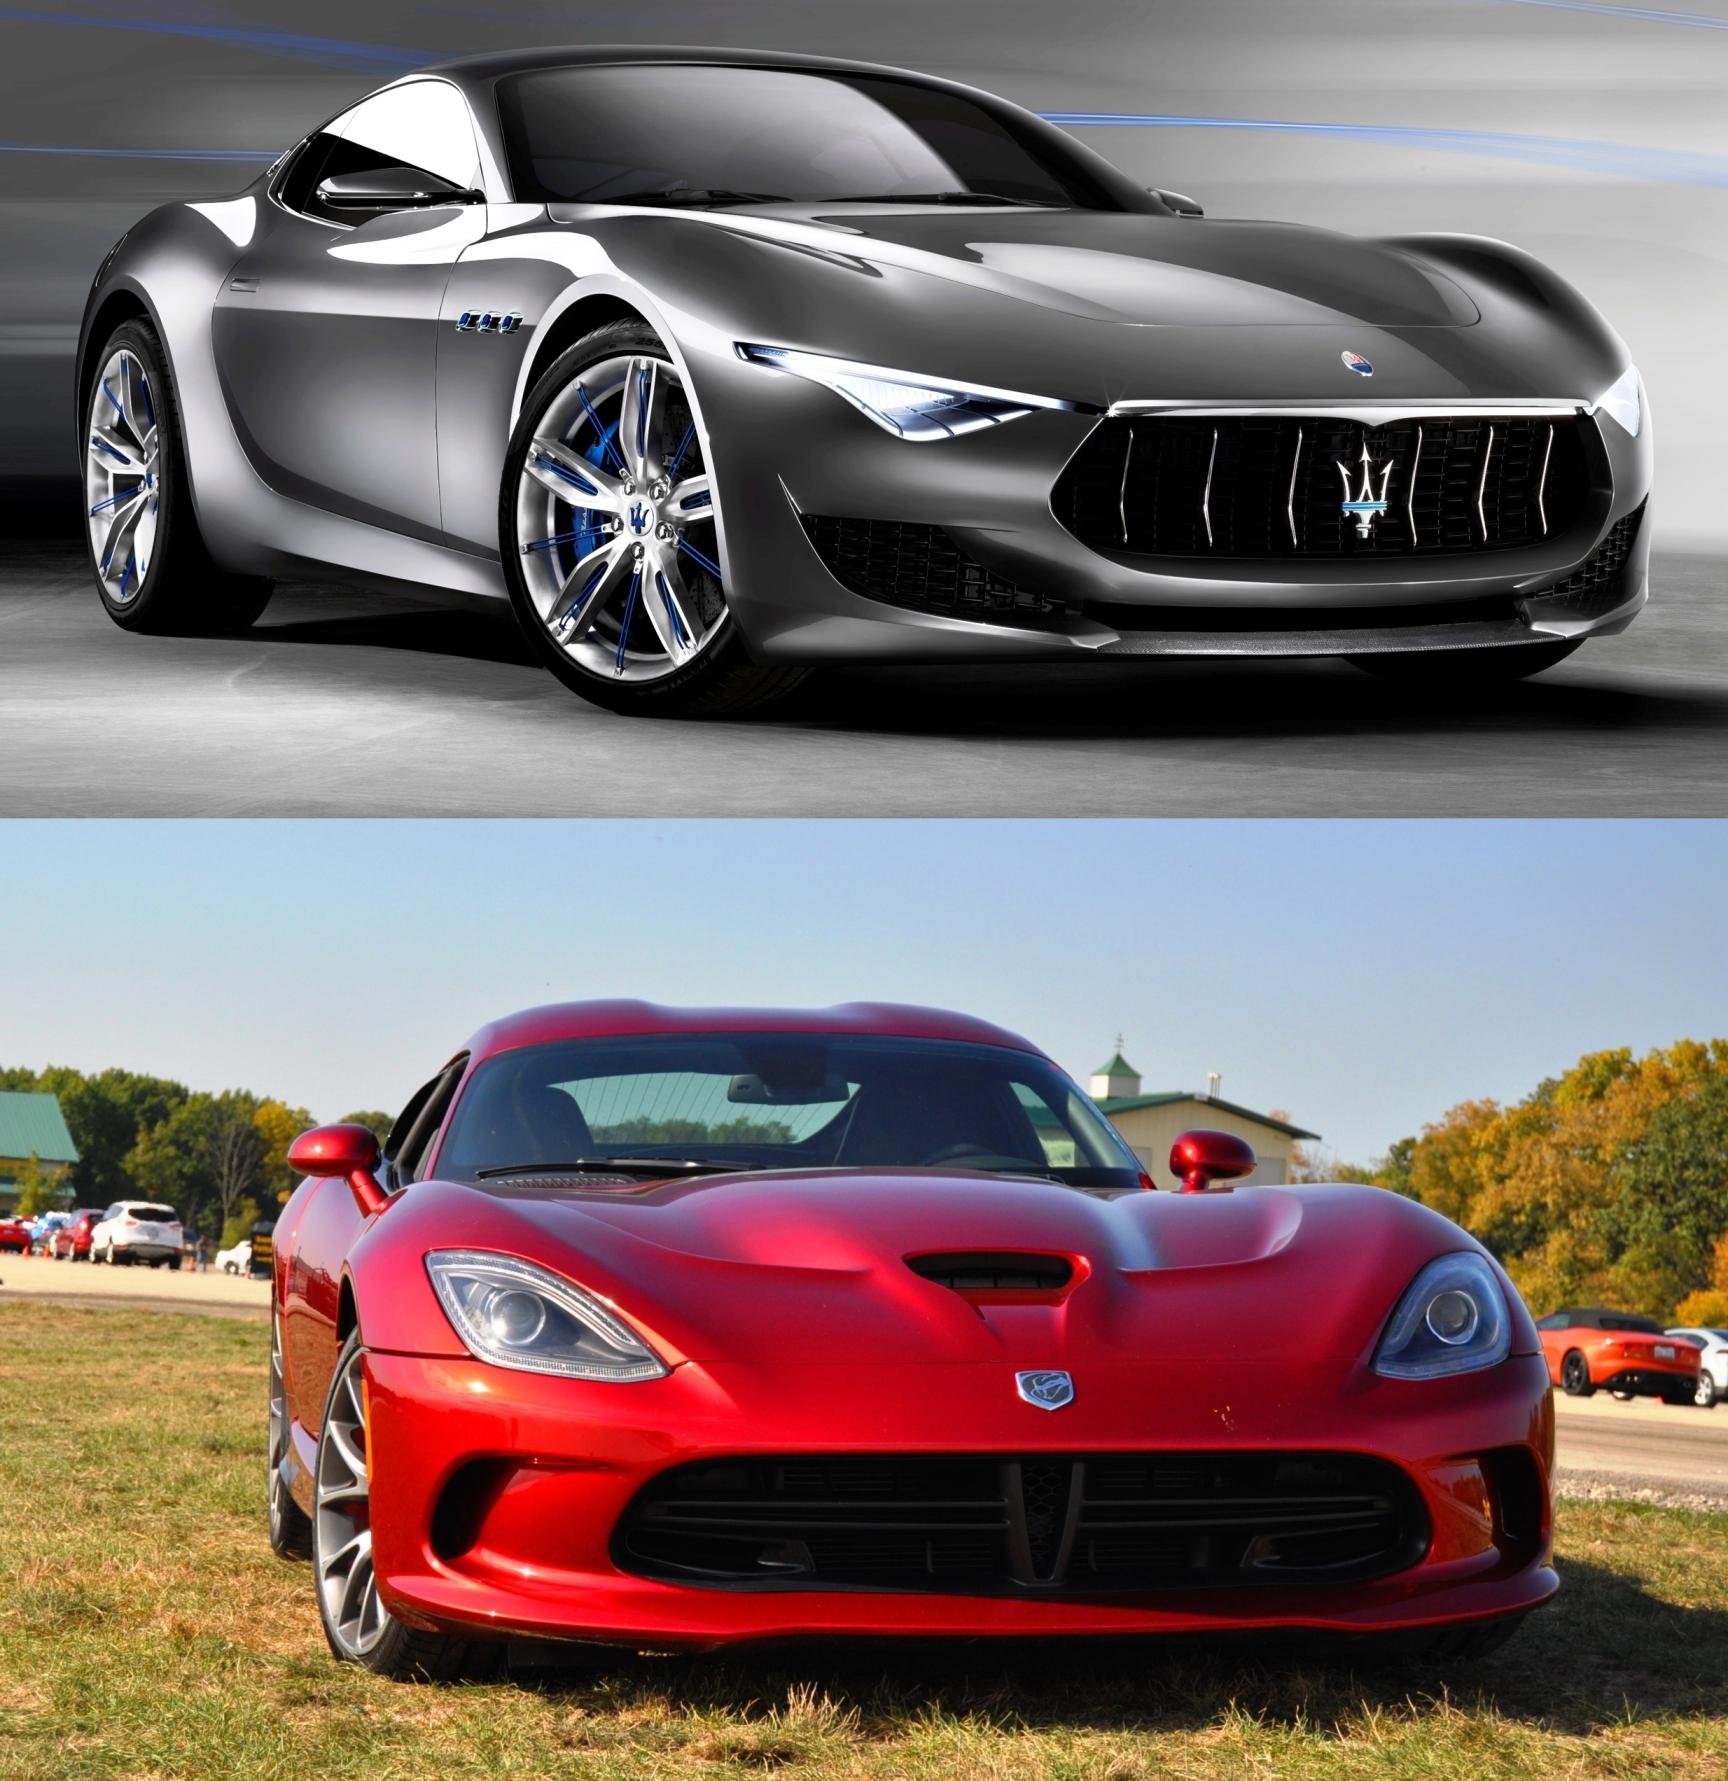 SRT Viper Vs. Maserati Alfieri